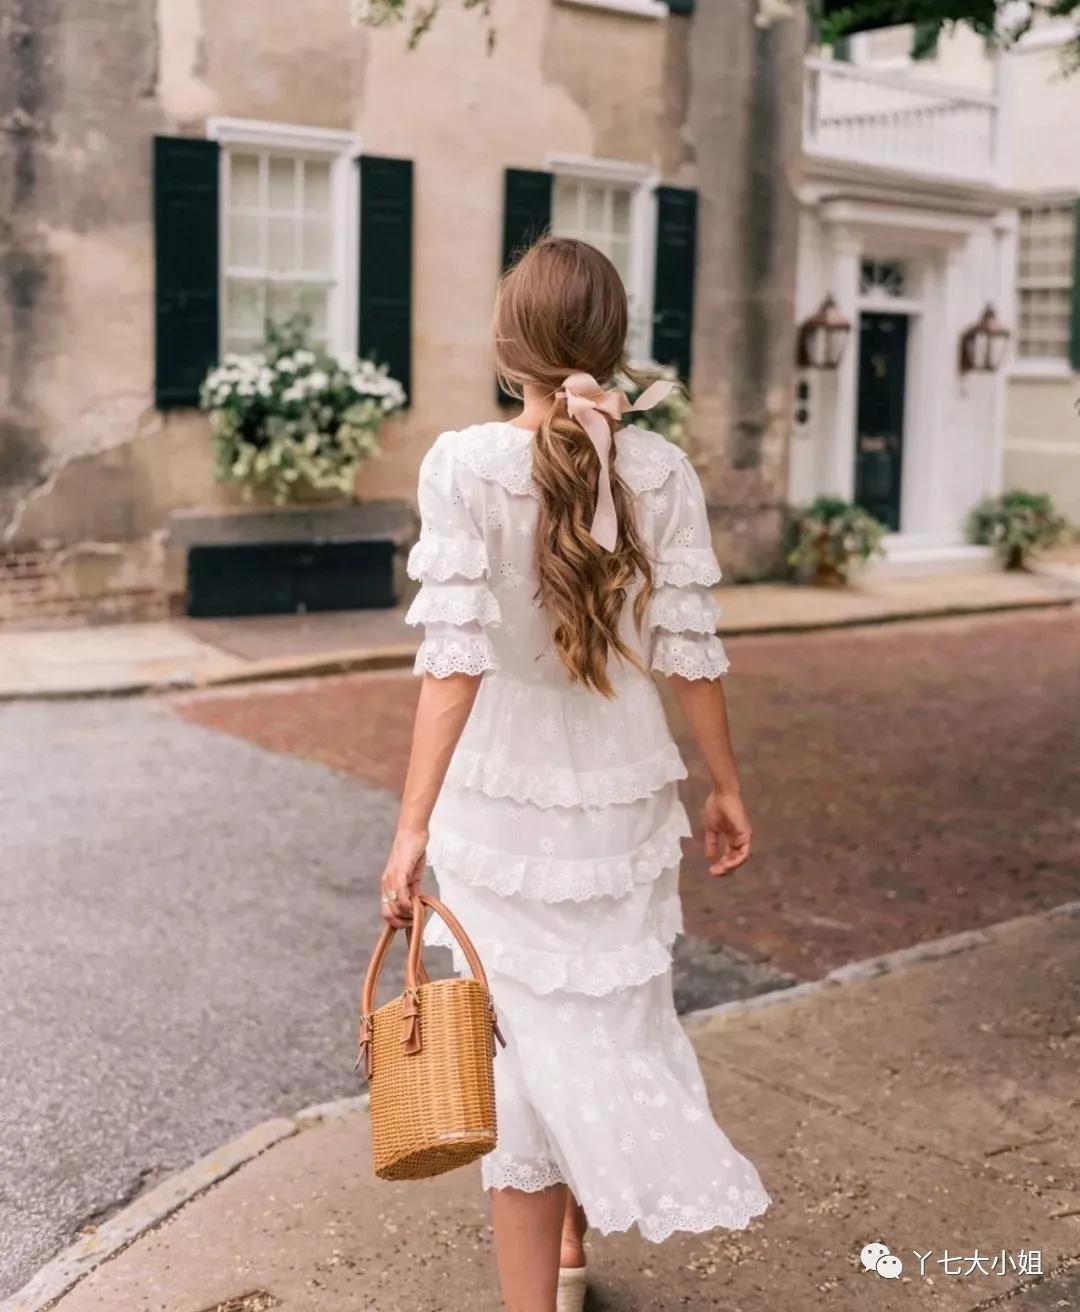 """4 kiểu váy trắng mặc lên hack ngay 5 tuổi, diện đi làm hay đi chơi cũng """"max"""" xinh - Ảnh 14."""